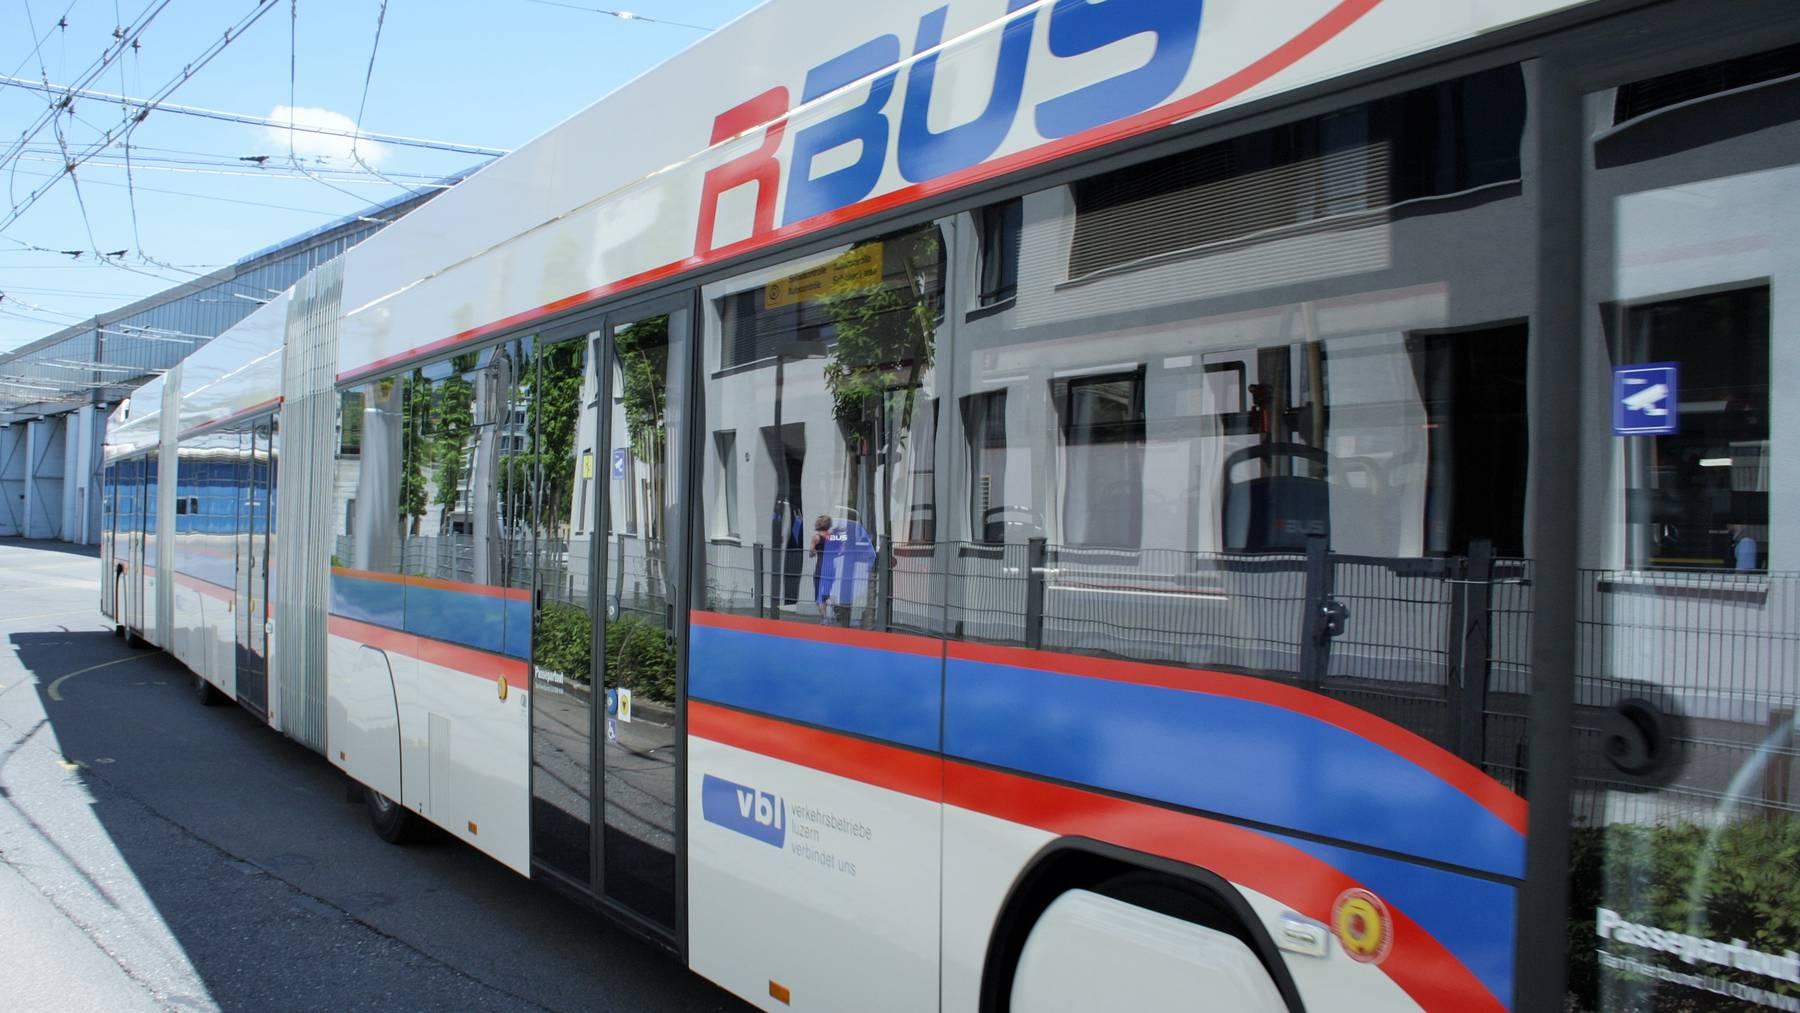 Vier Verletzte nach Vollbremsung eines vbl-Busses